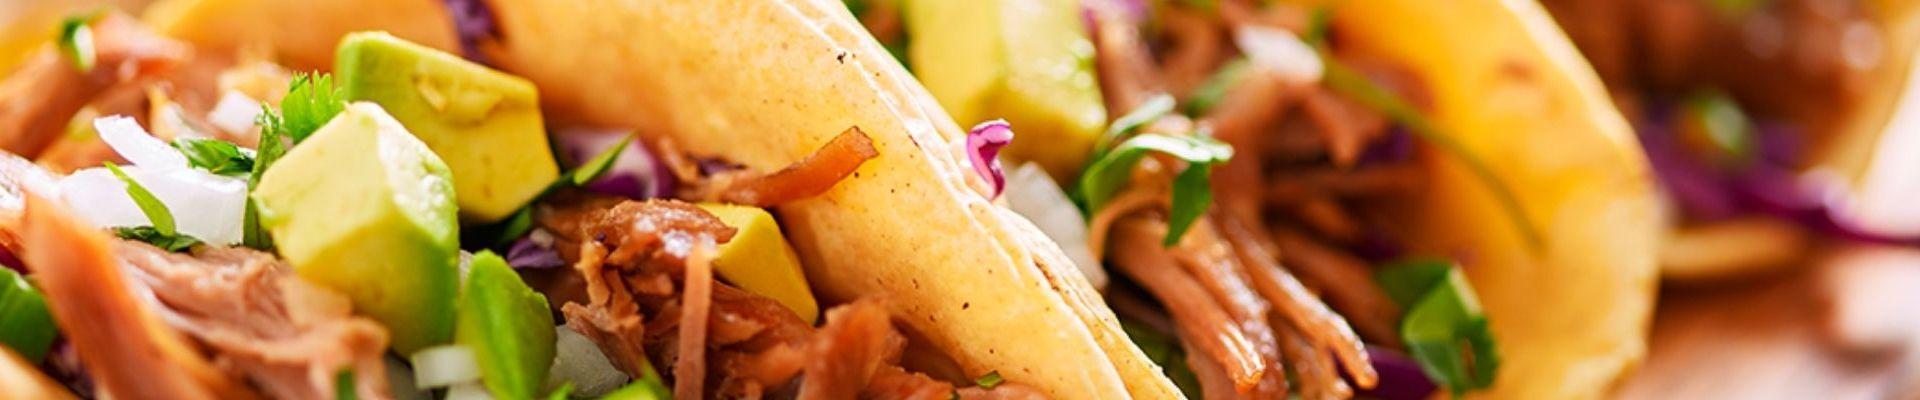 Los mejores restaurantes de comida mexicana a domicilio en Poblenou